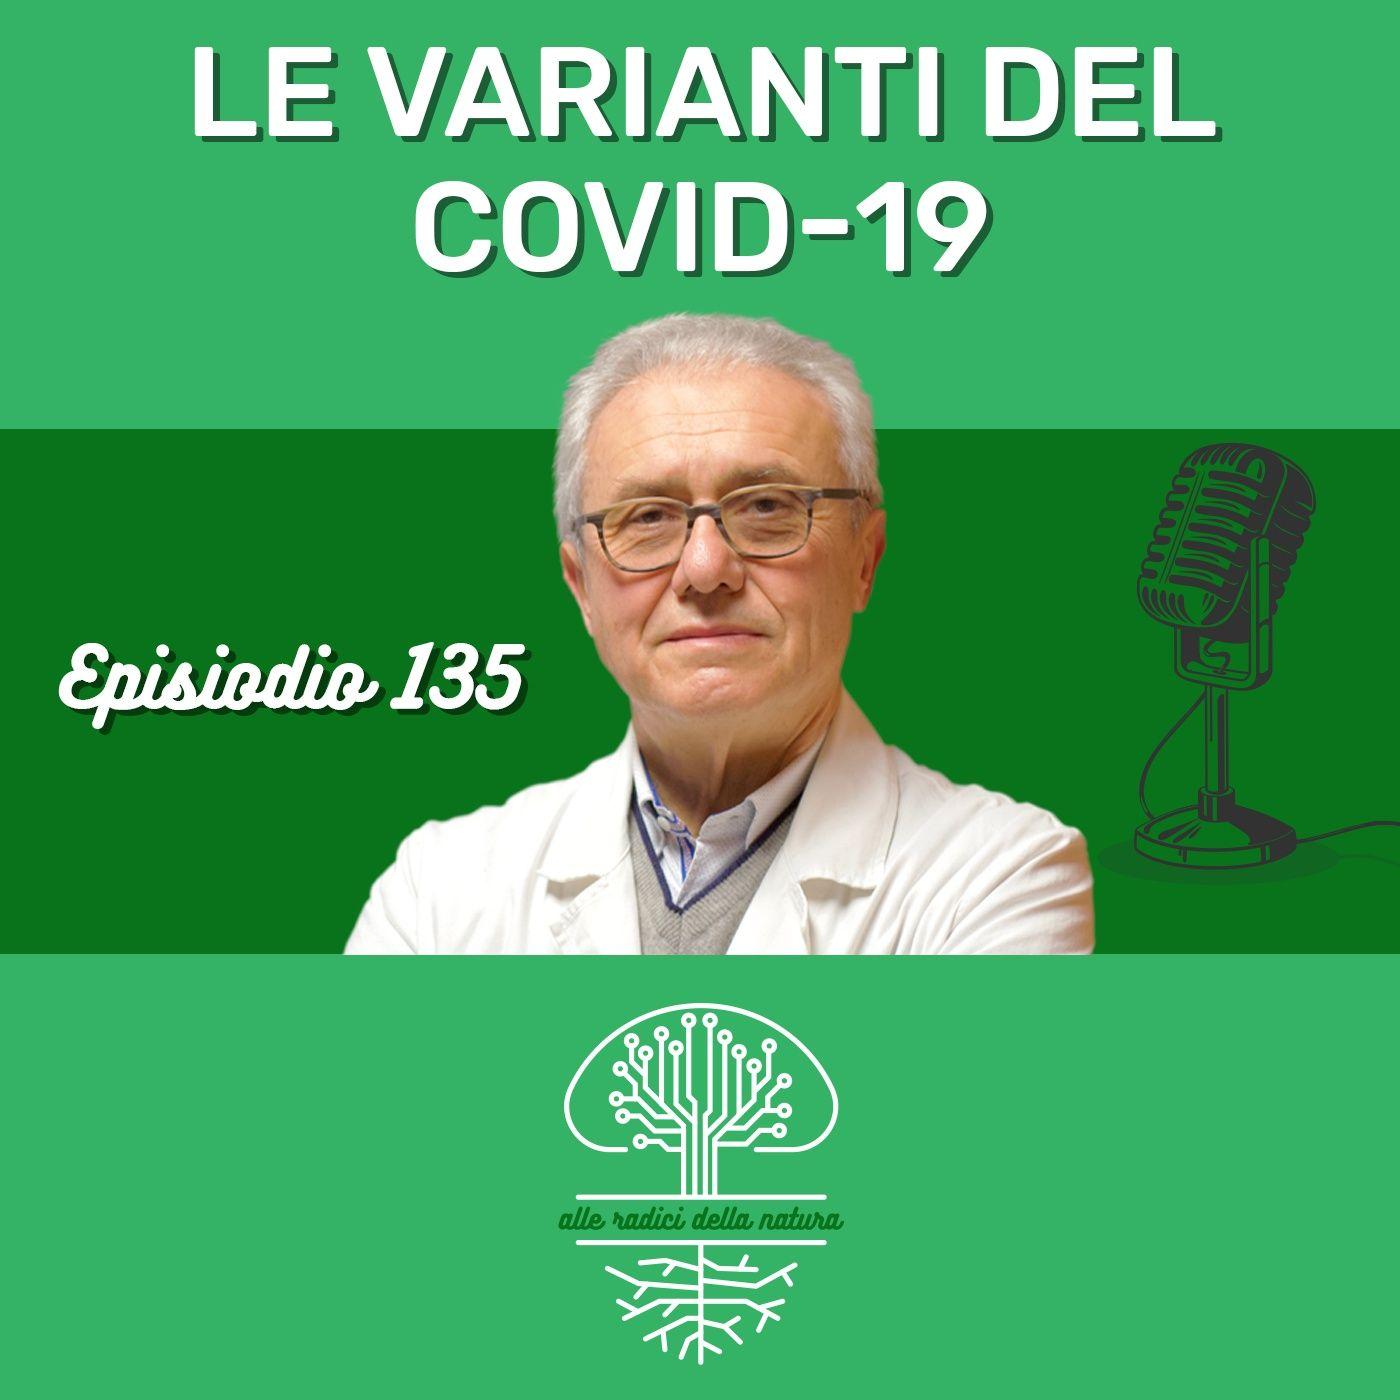 Varianti del Covid-19